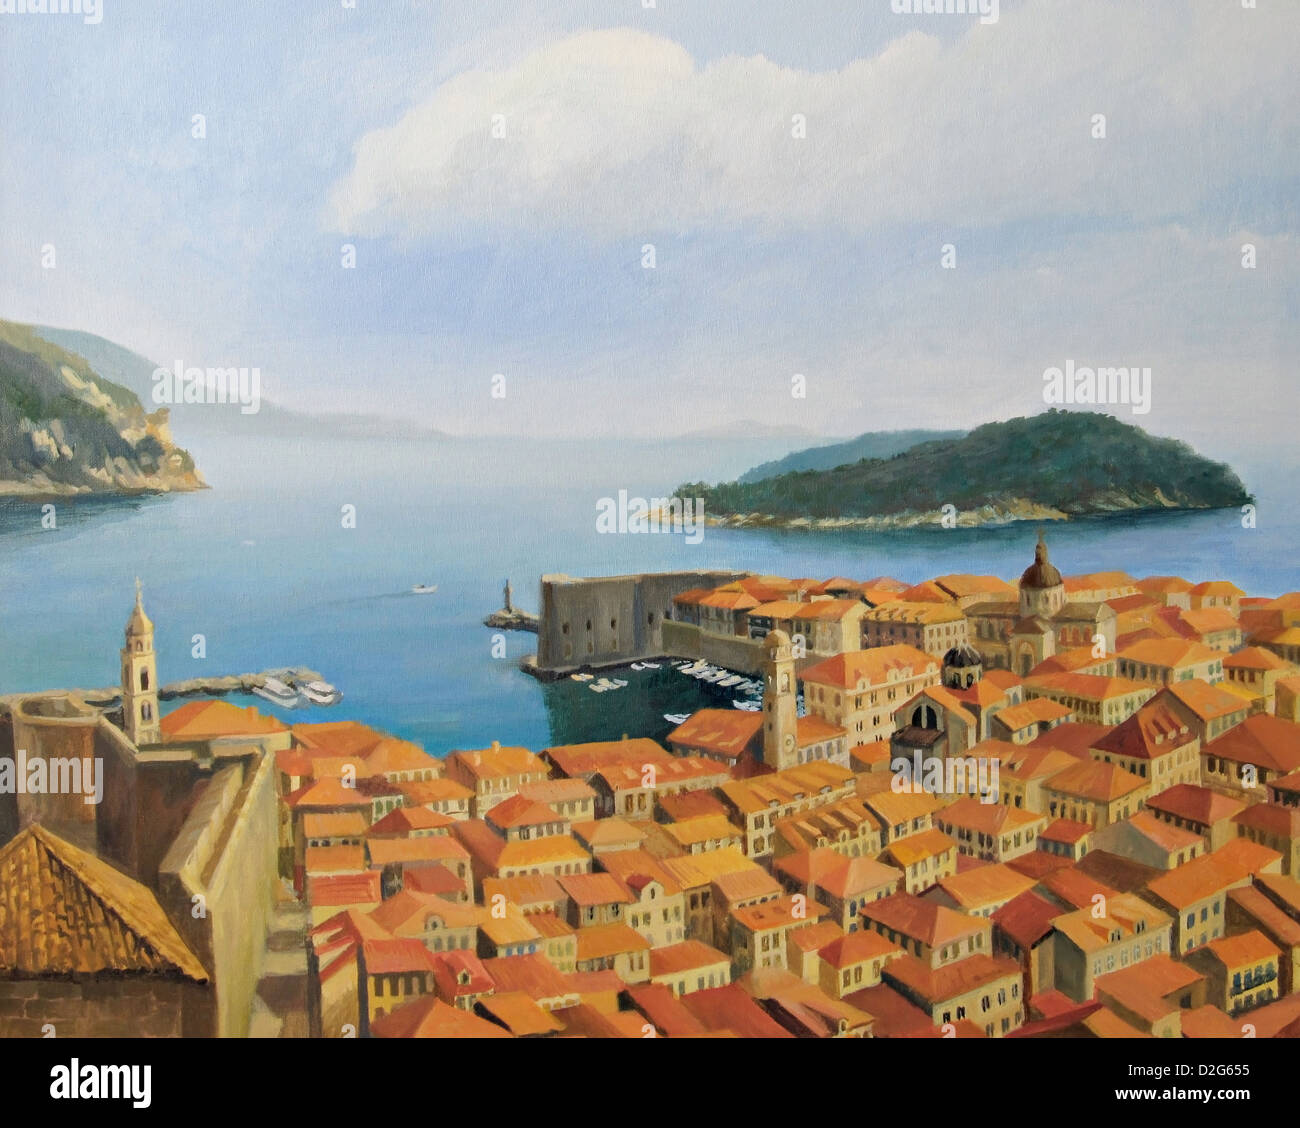 Ein Ölgemälde auf Leinwand von einen schönen Panoramablick vom höchsten Punkt der Stadtmauer Stockbild